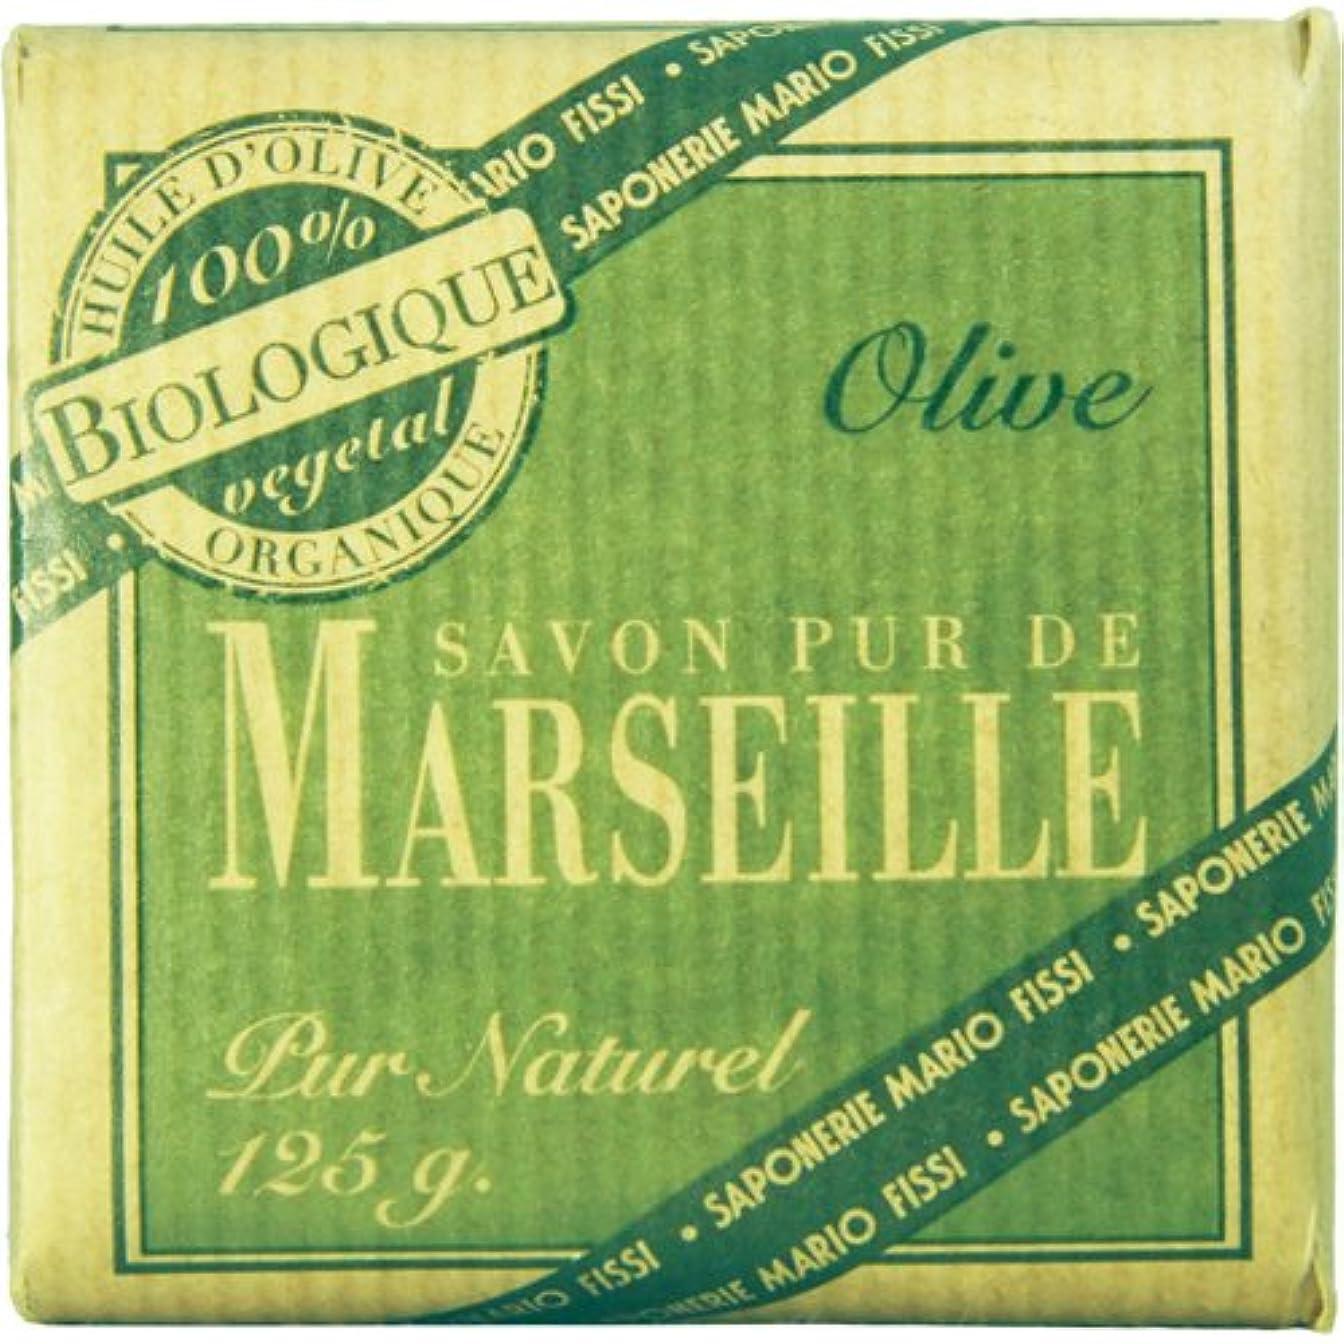 クレーター超越する知っているに立ち寄るSaponerire Fissi マルセイユシリーズ マルセイユソープ 125g Olive オリーブ